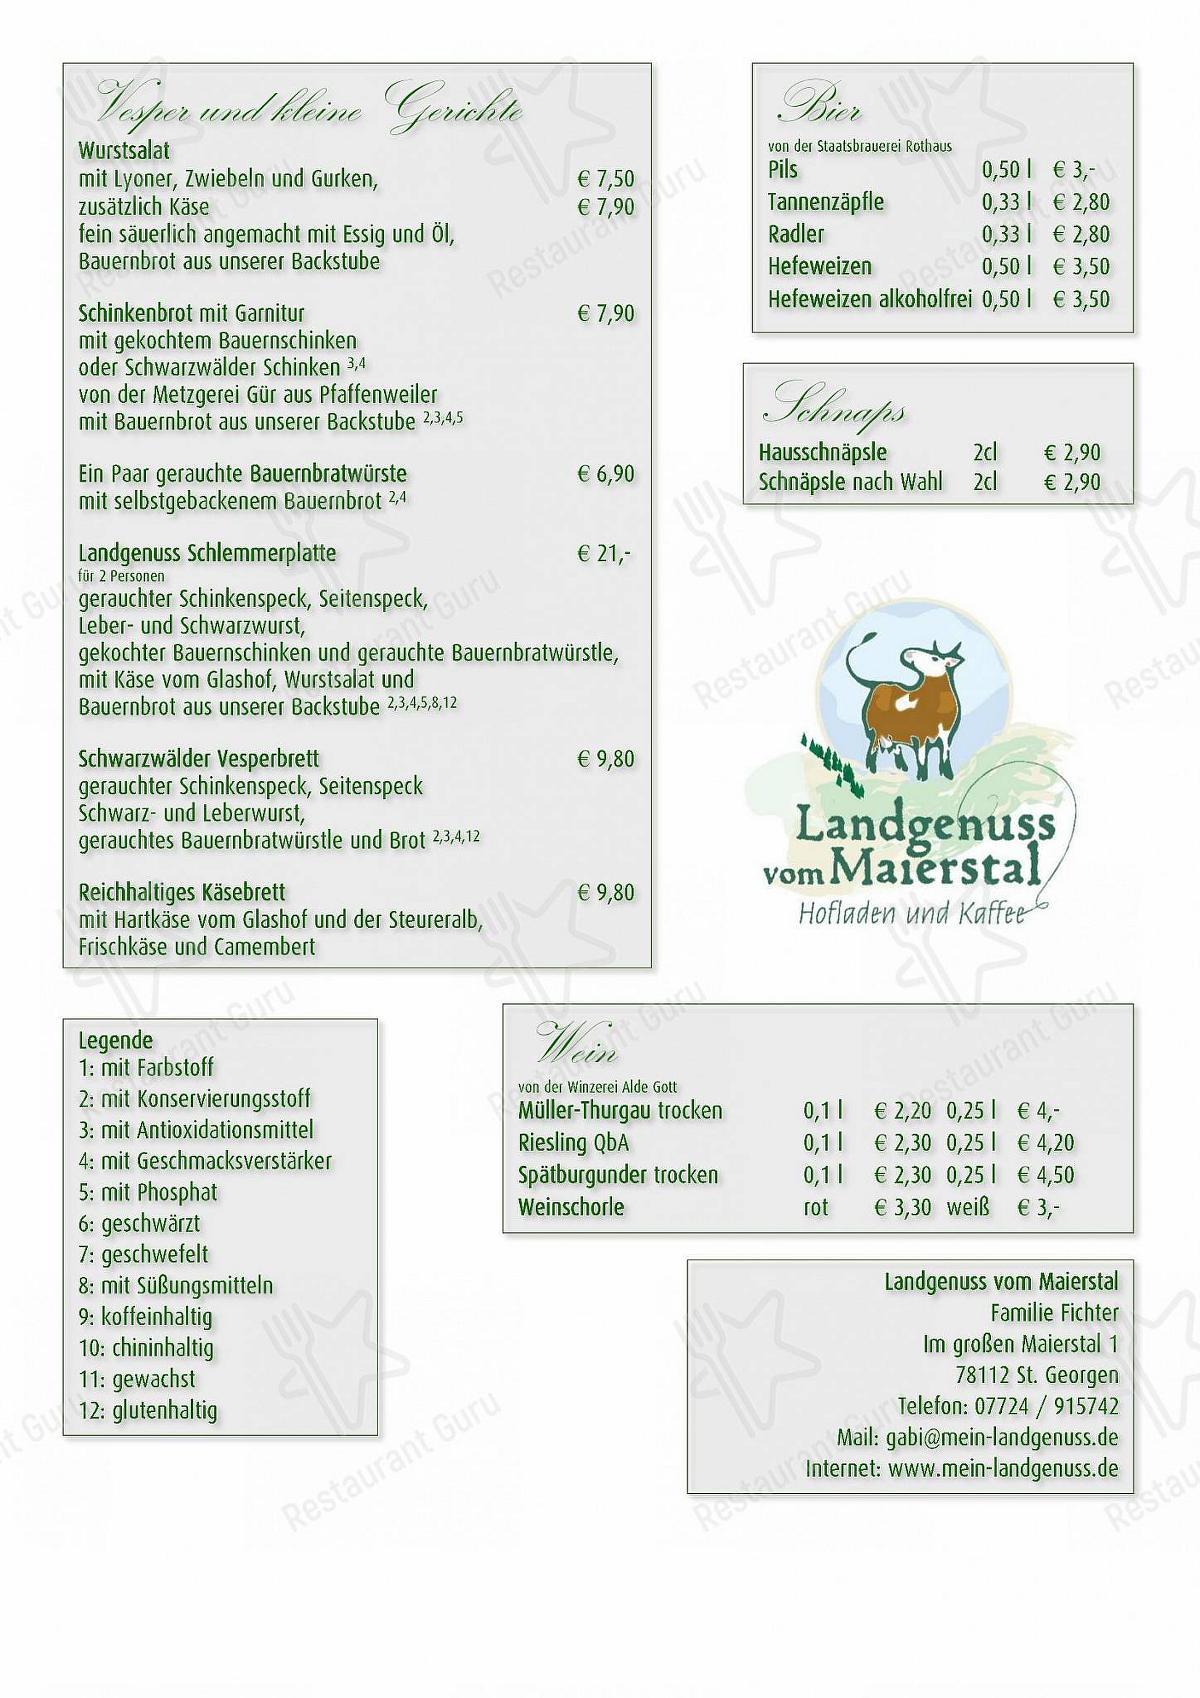 Landgenuss vom Maierstal Speisekarte - Gerichte und Getränke